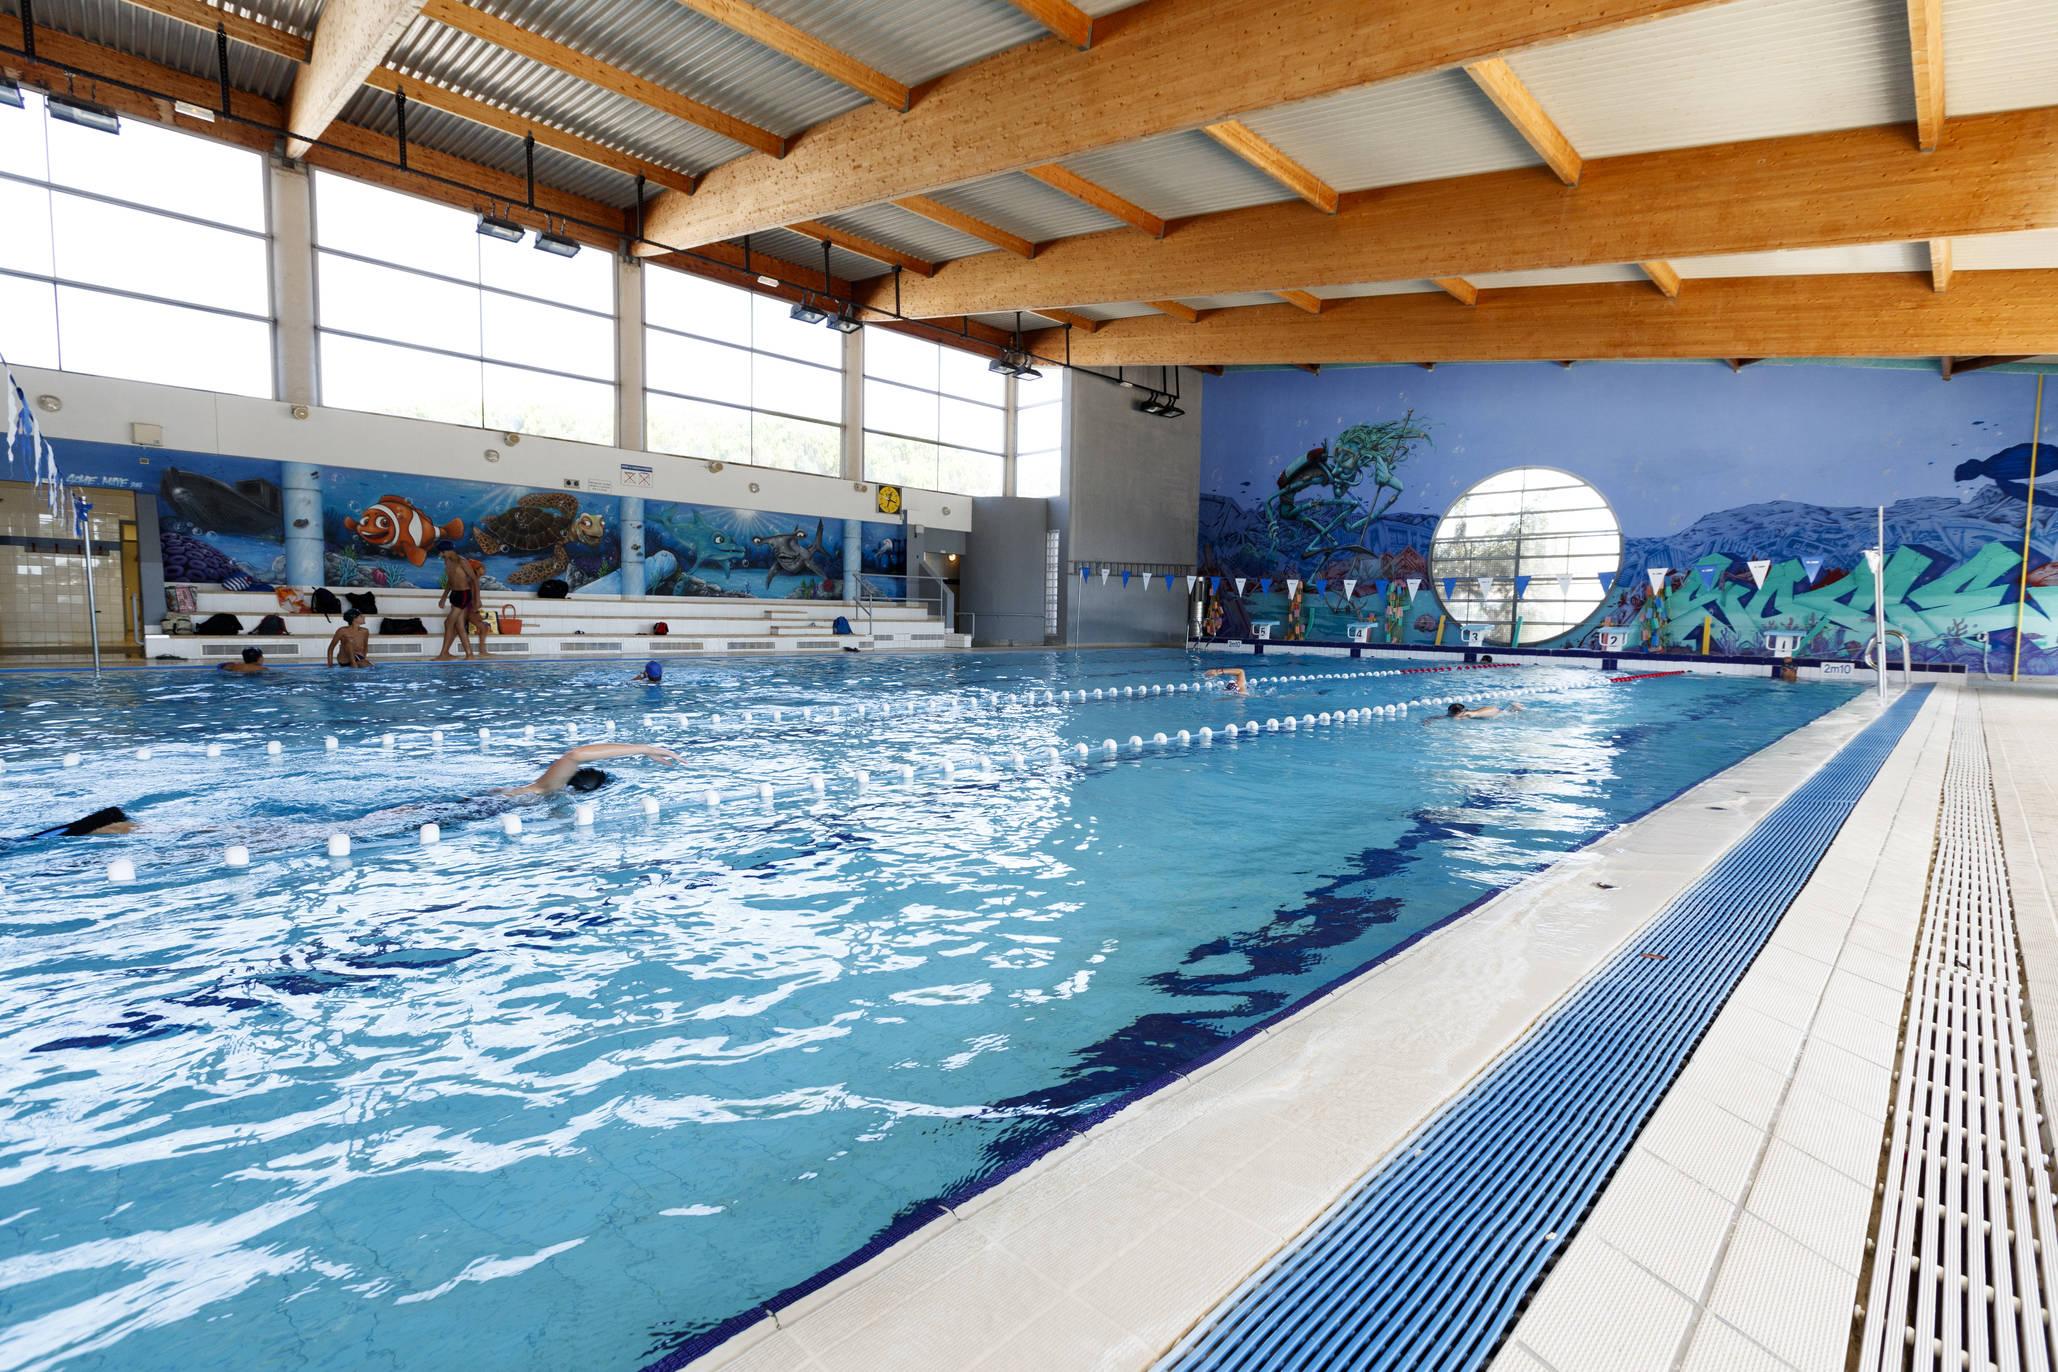 Piscine Marcel Spilliaert (Chamberte), Swimming-Pool ... serapportantà Piscine St Marcel